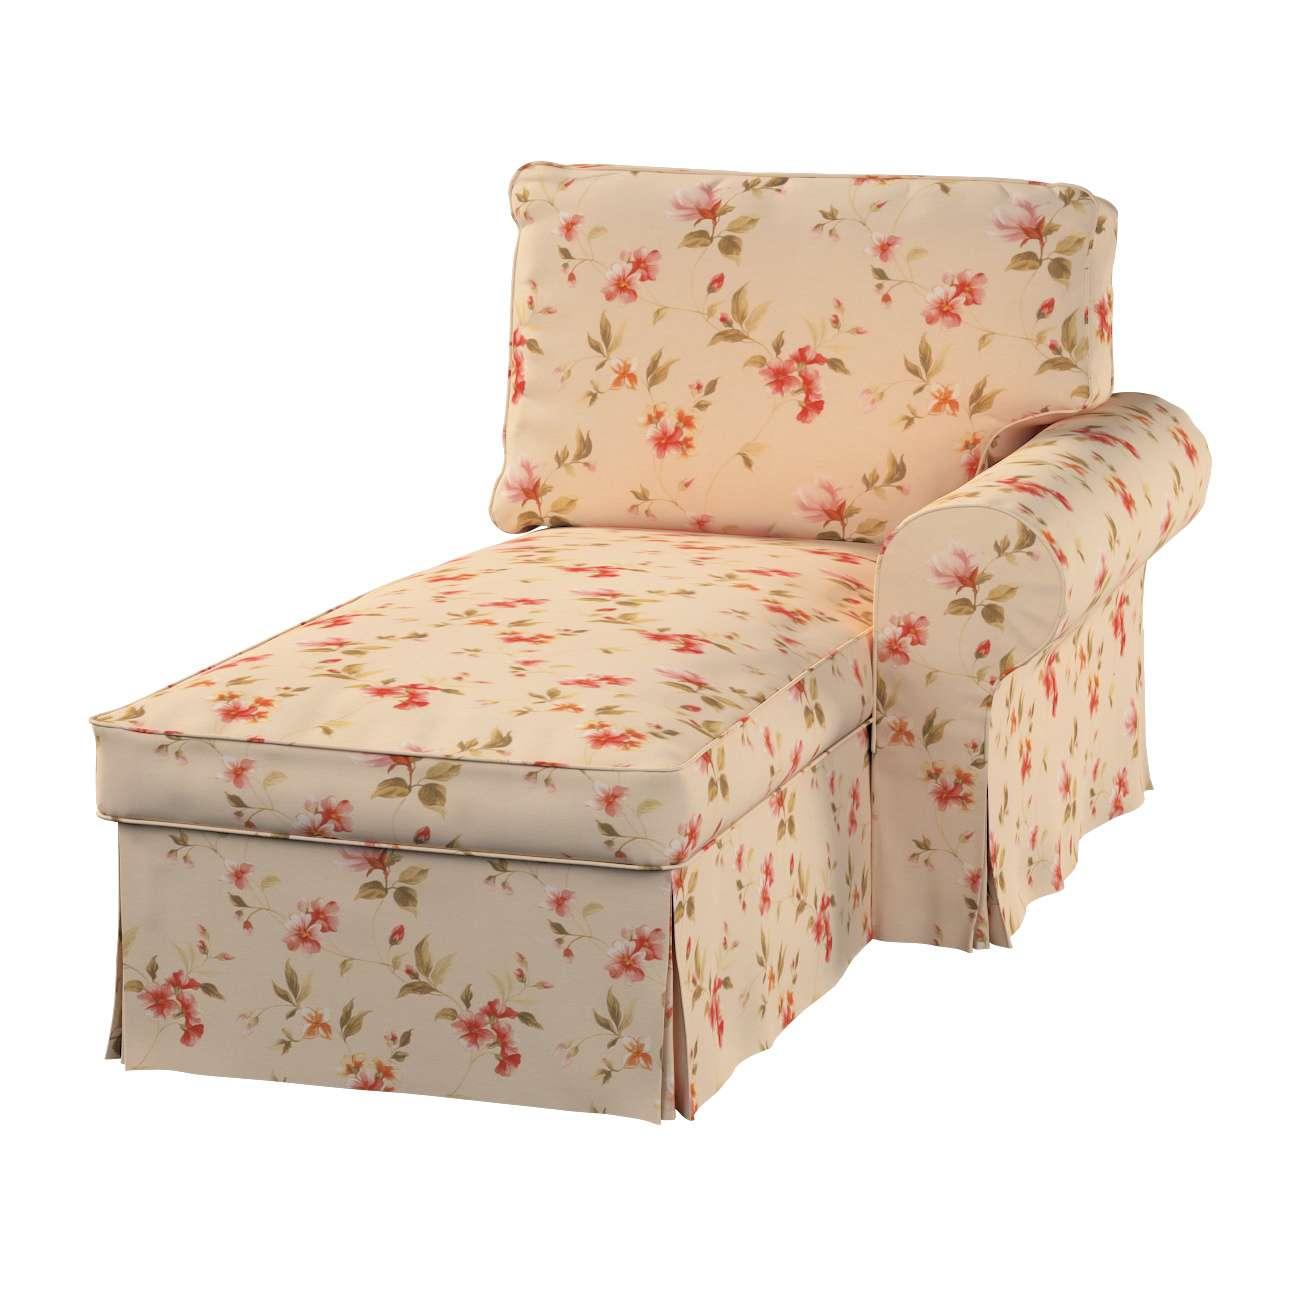 Ektorp gulimajo krėslo užvalkalas  (su porankiu, dešiniojo) Ektorp gulimojo krėslo užvalkalas su porankiu (dešiniojo) kolekcijoje Londres, audinys: 124-05